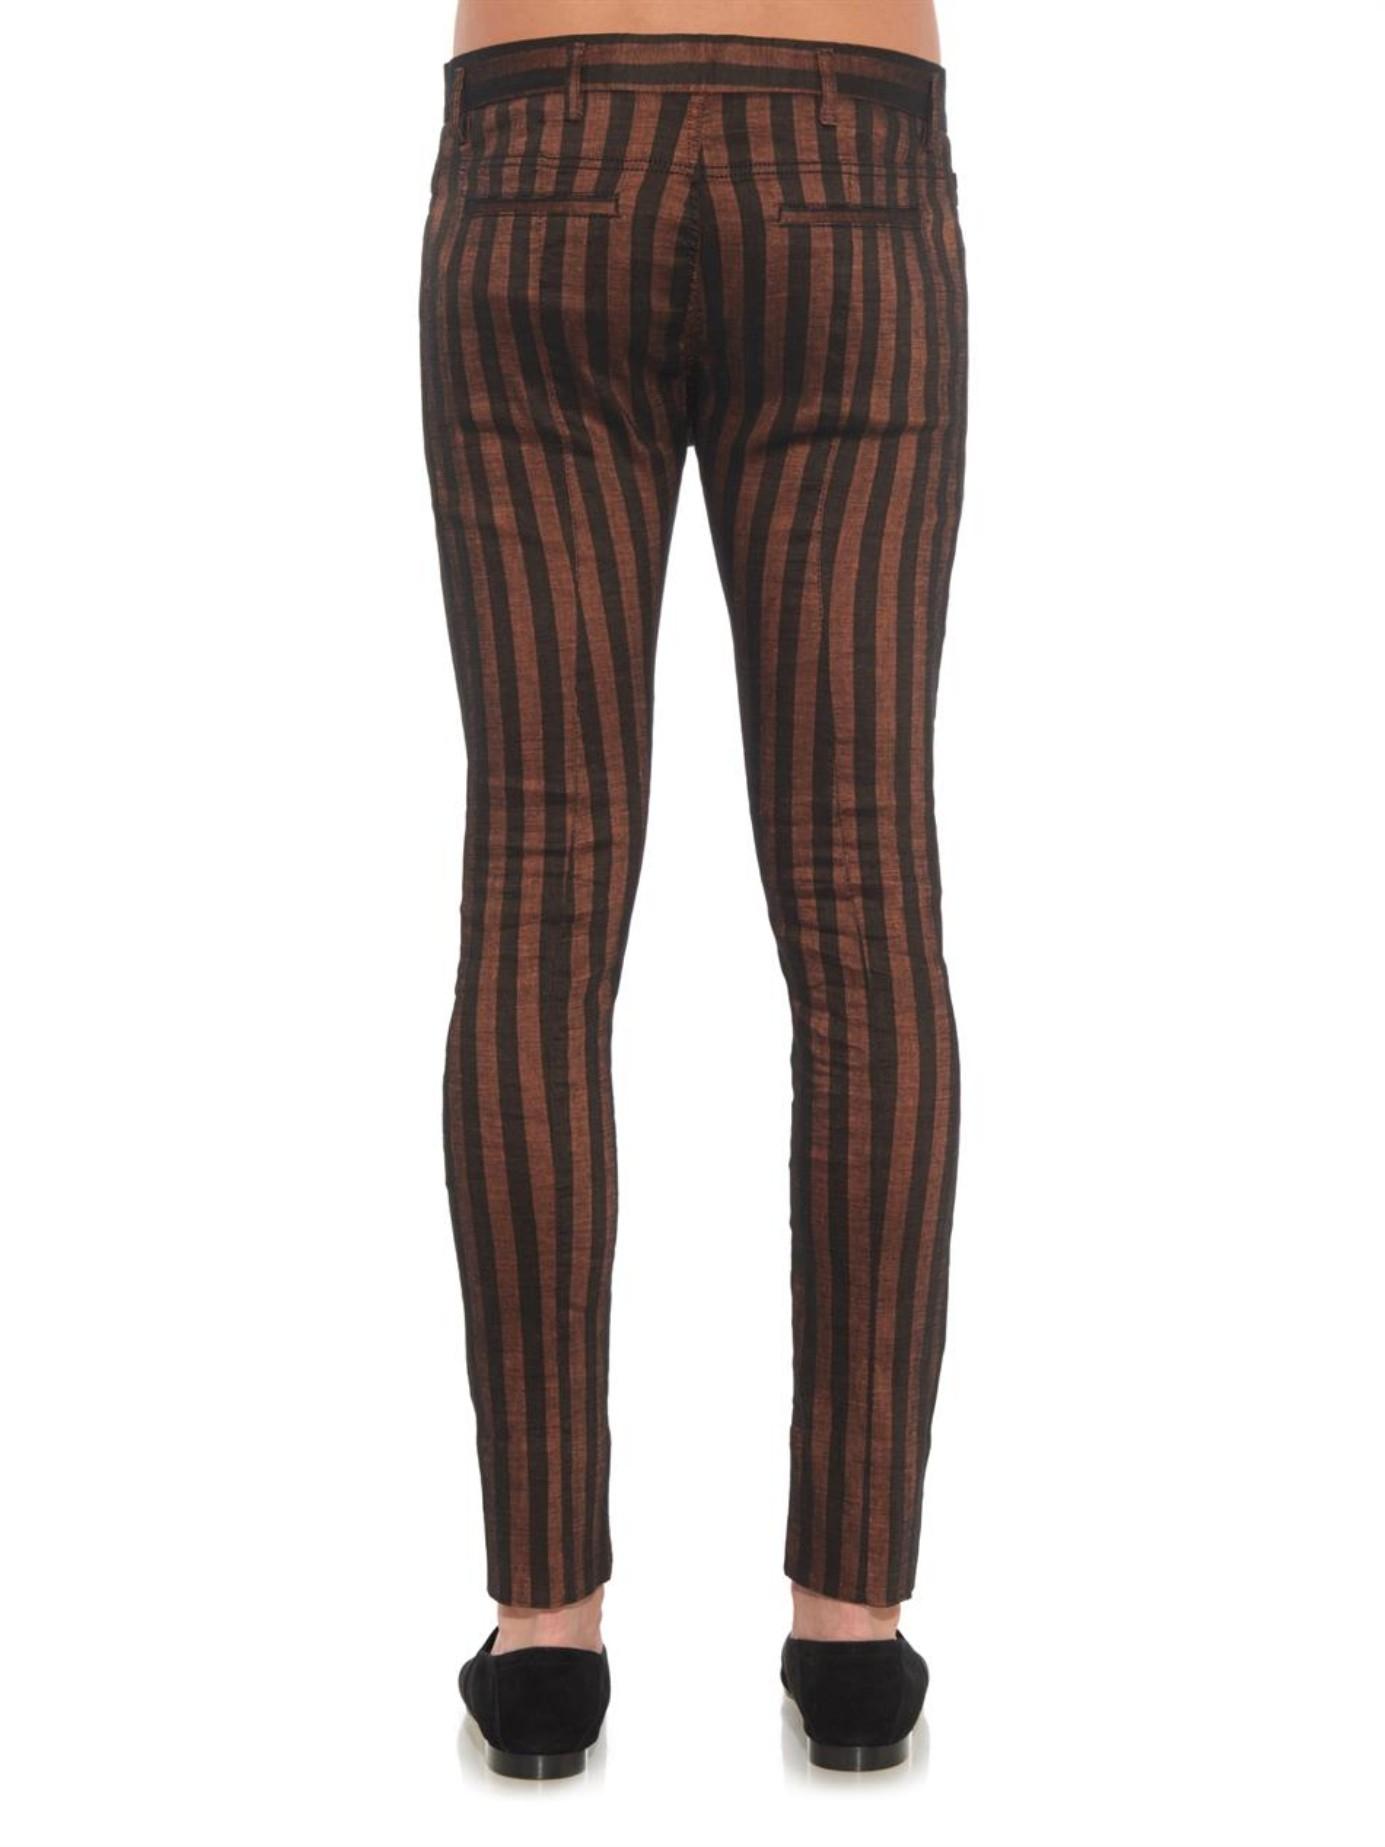 Haider Ackermann Striped Linen-Blend Skinny-Leg Trousers in Red for Men - Lyst